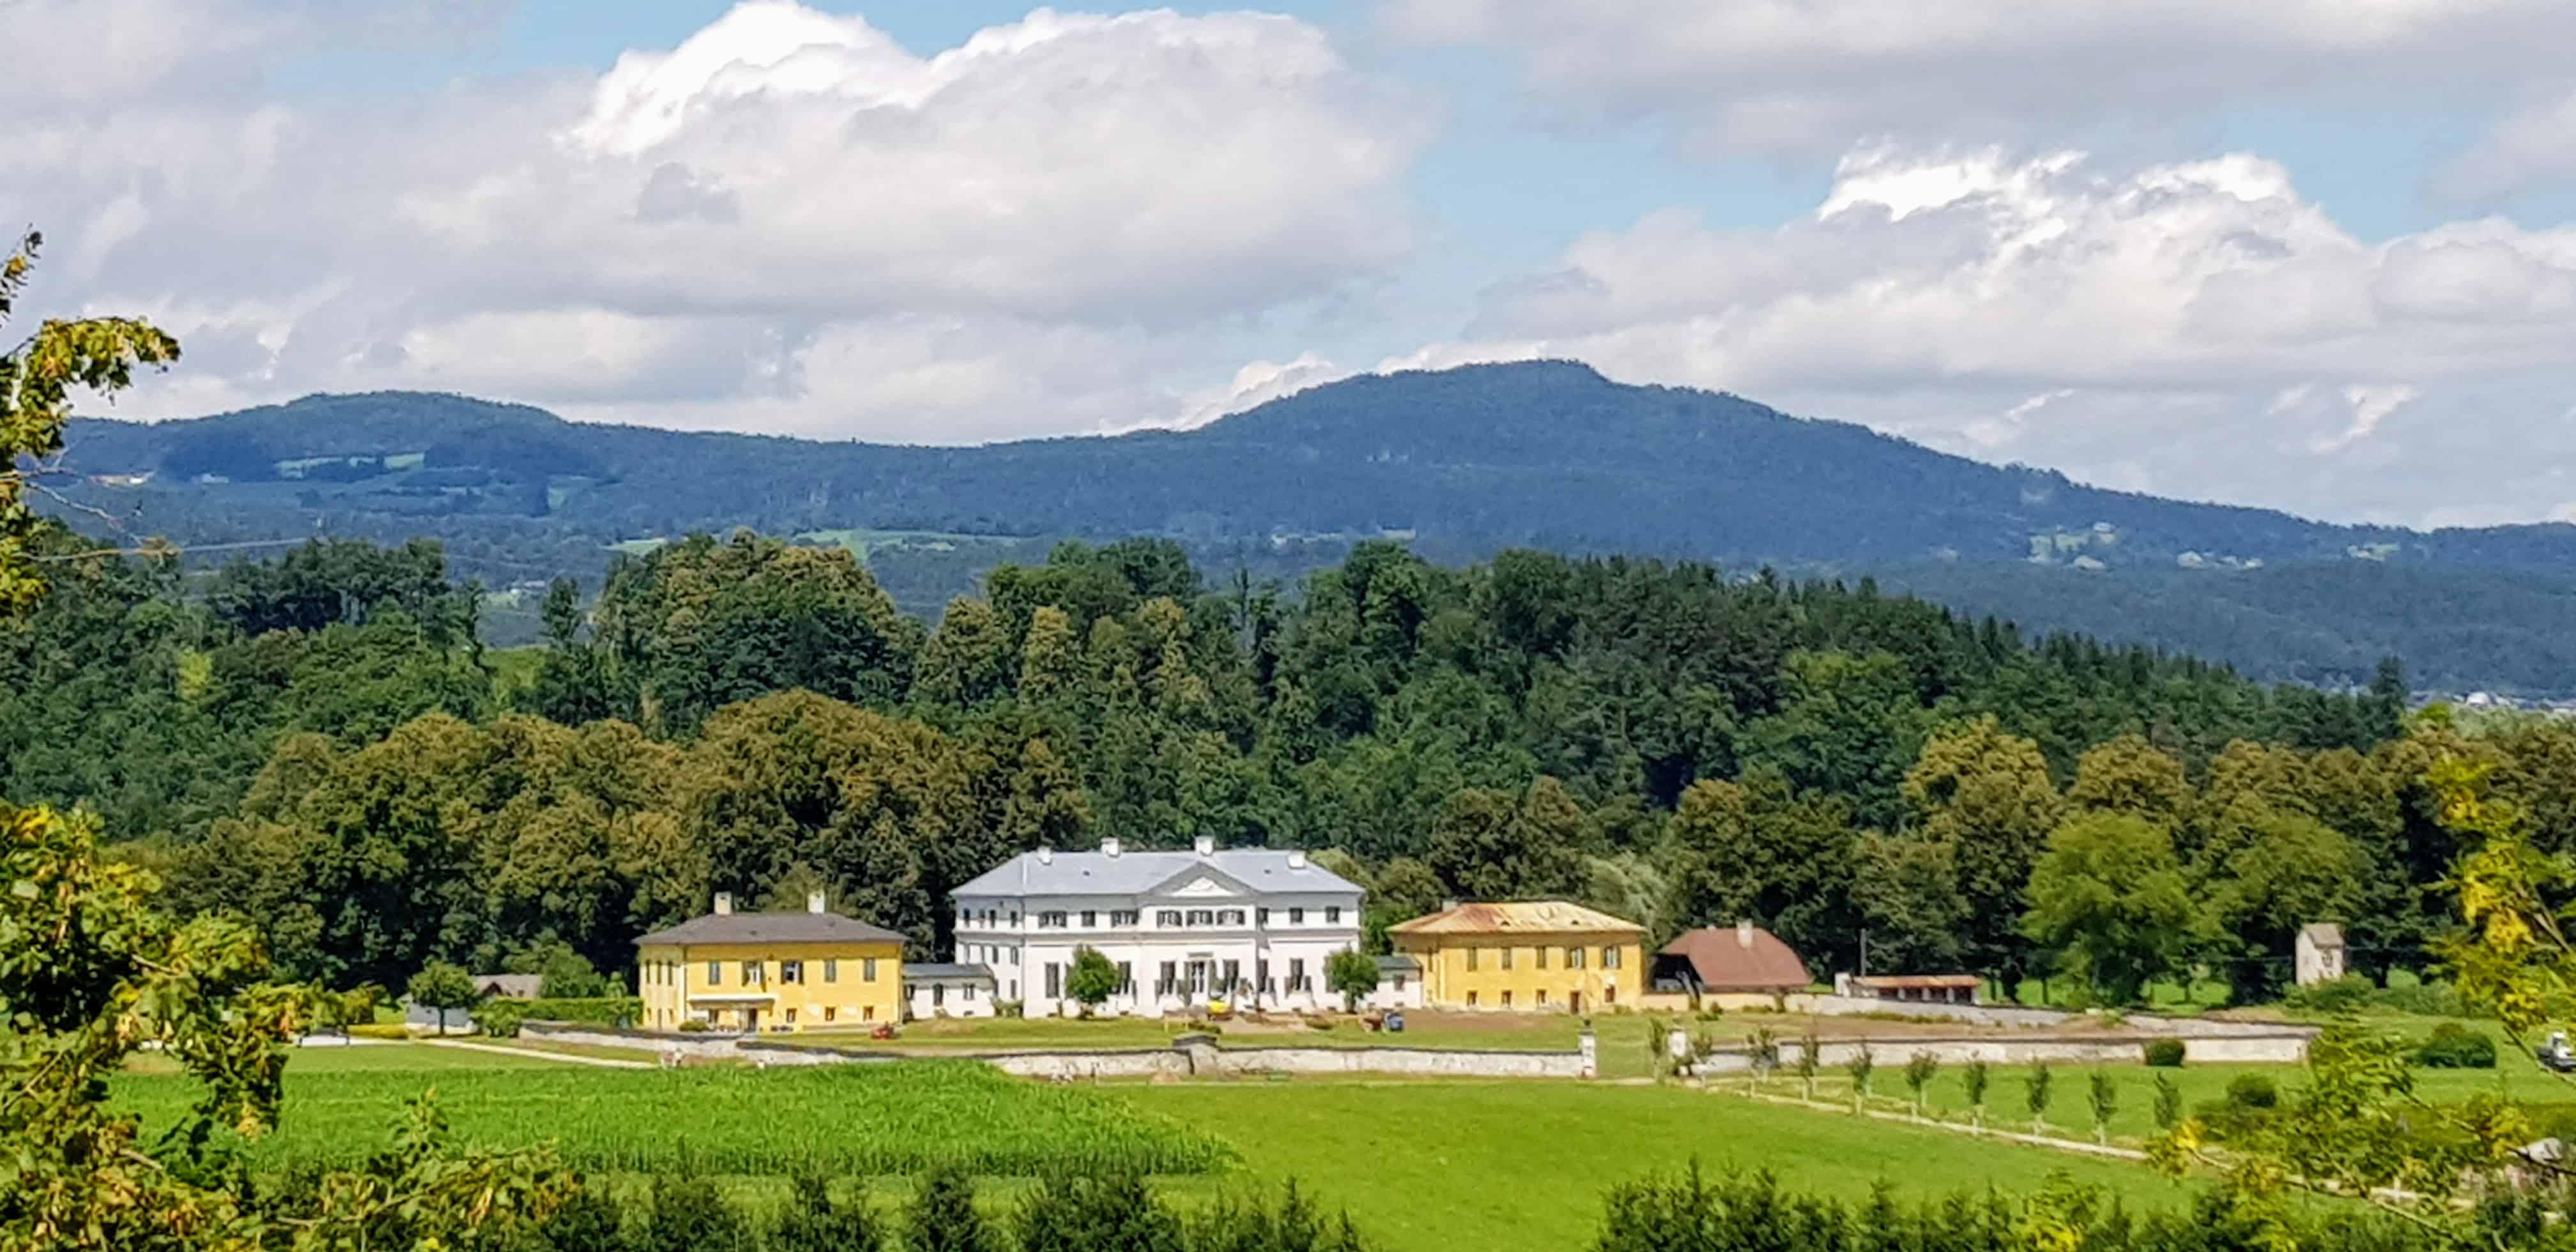 Sehenswürdigkeiten Kärnten Schloss Rosegg mit Tierpark und Labyrinth